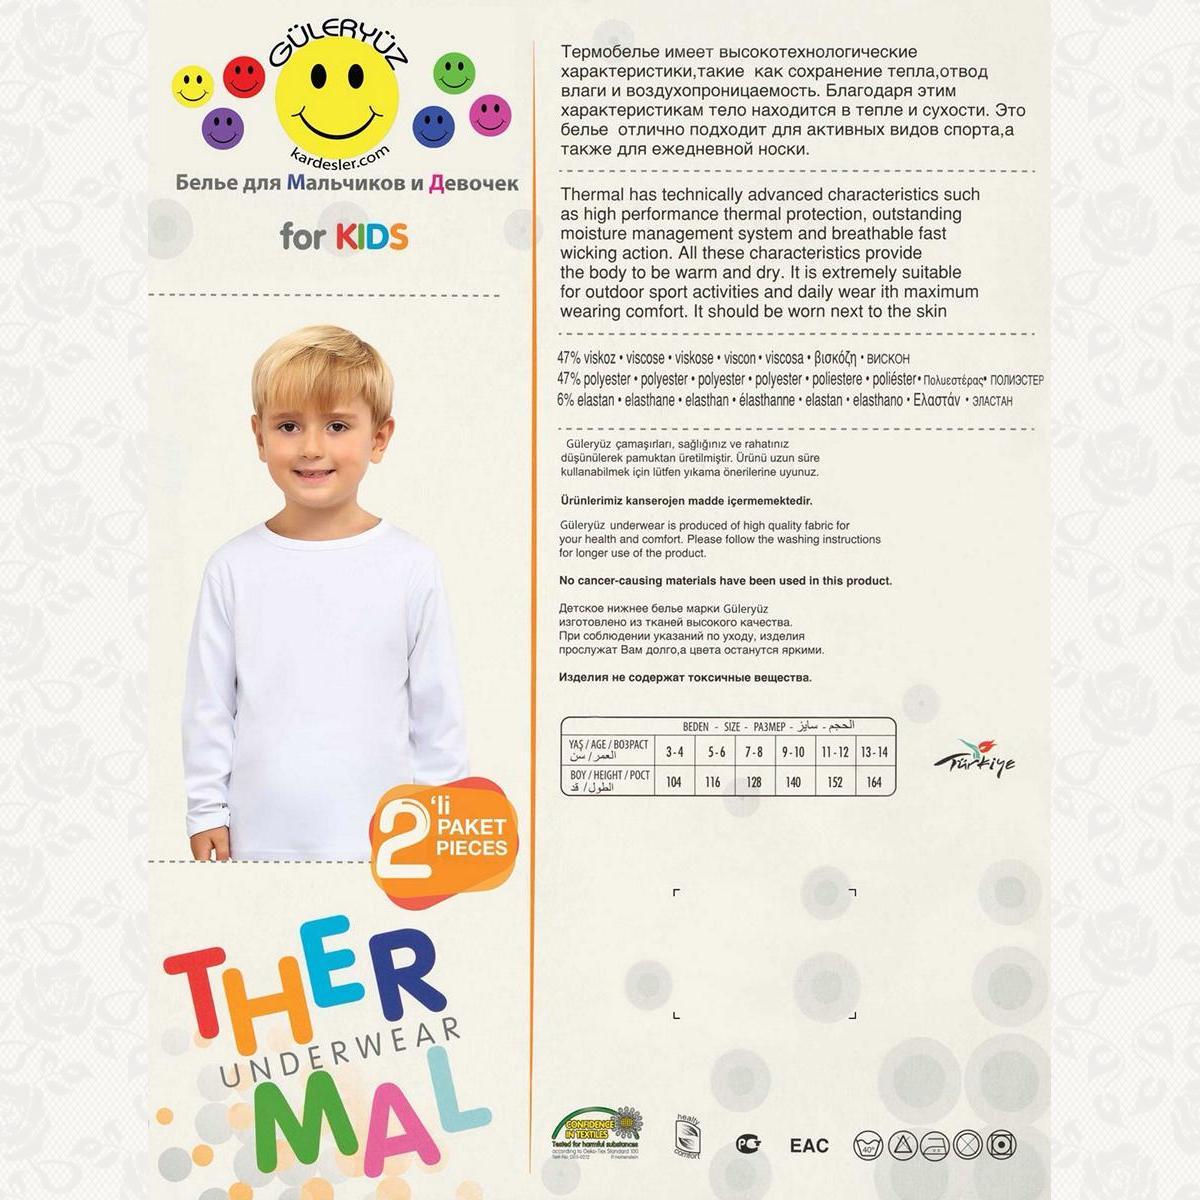 Термокофта для мальчиков и девочек.в упаковке две штуки одного размера. , цвет черный с фото, 2 шт.